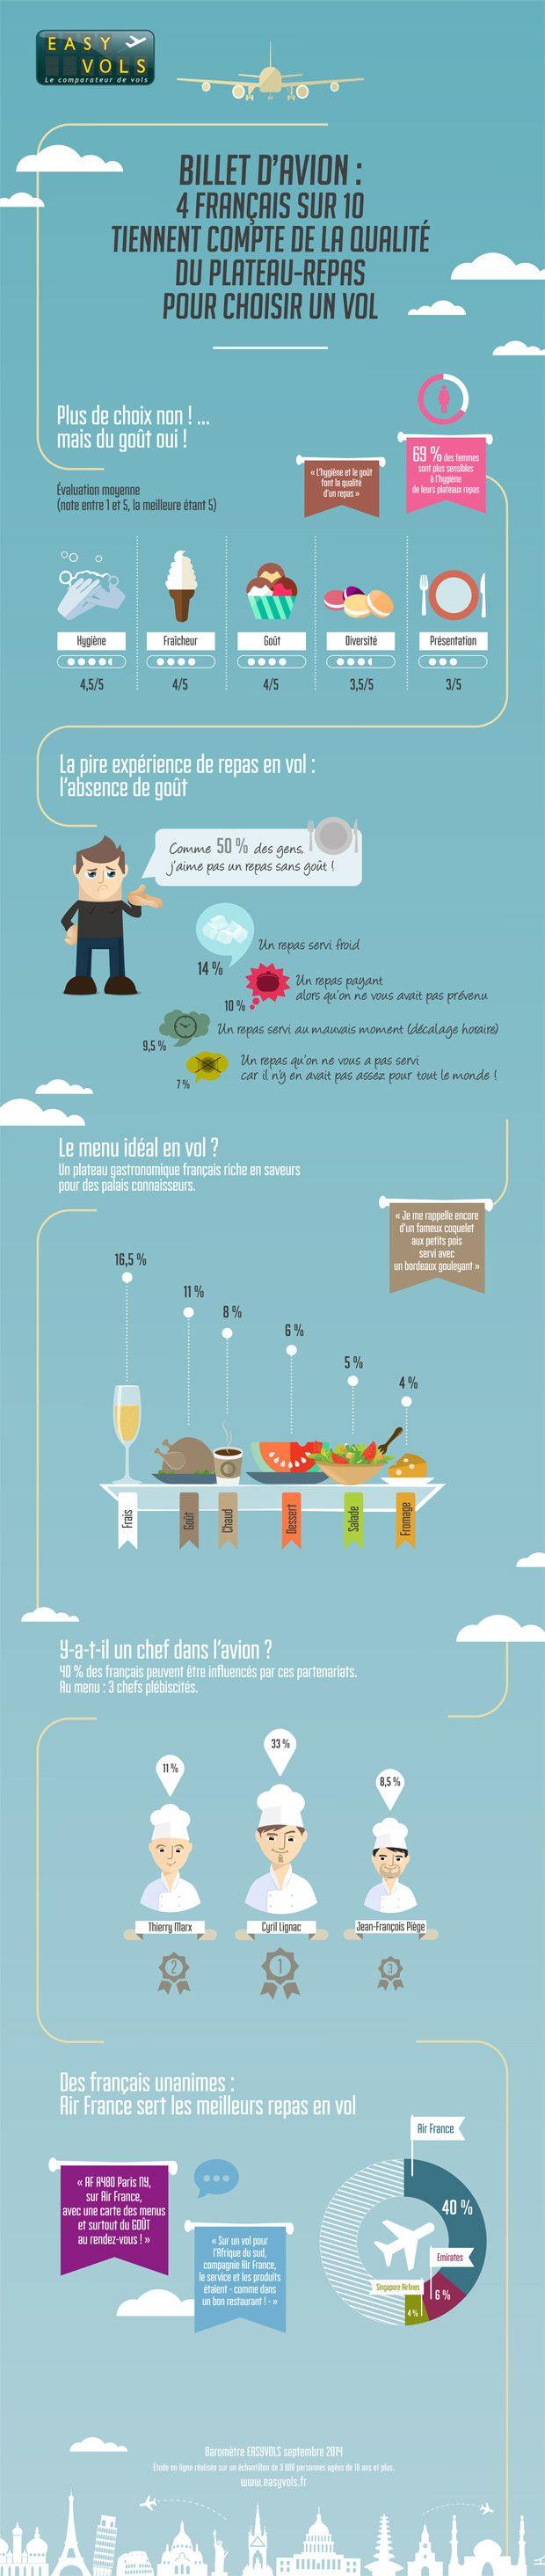 Plateaux-repas en avion: l'importance de la nourriture pour choisir sa compagnie aérienne